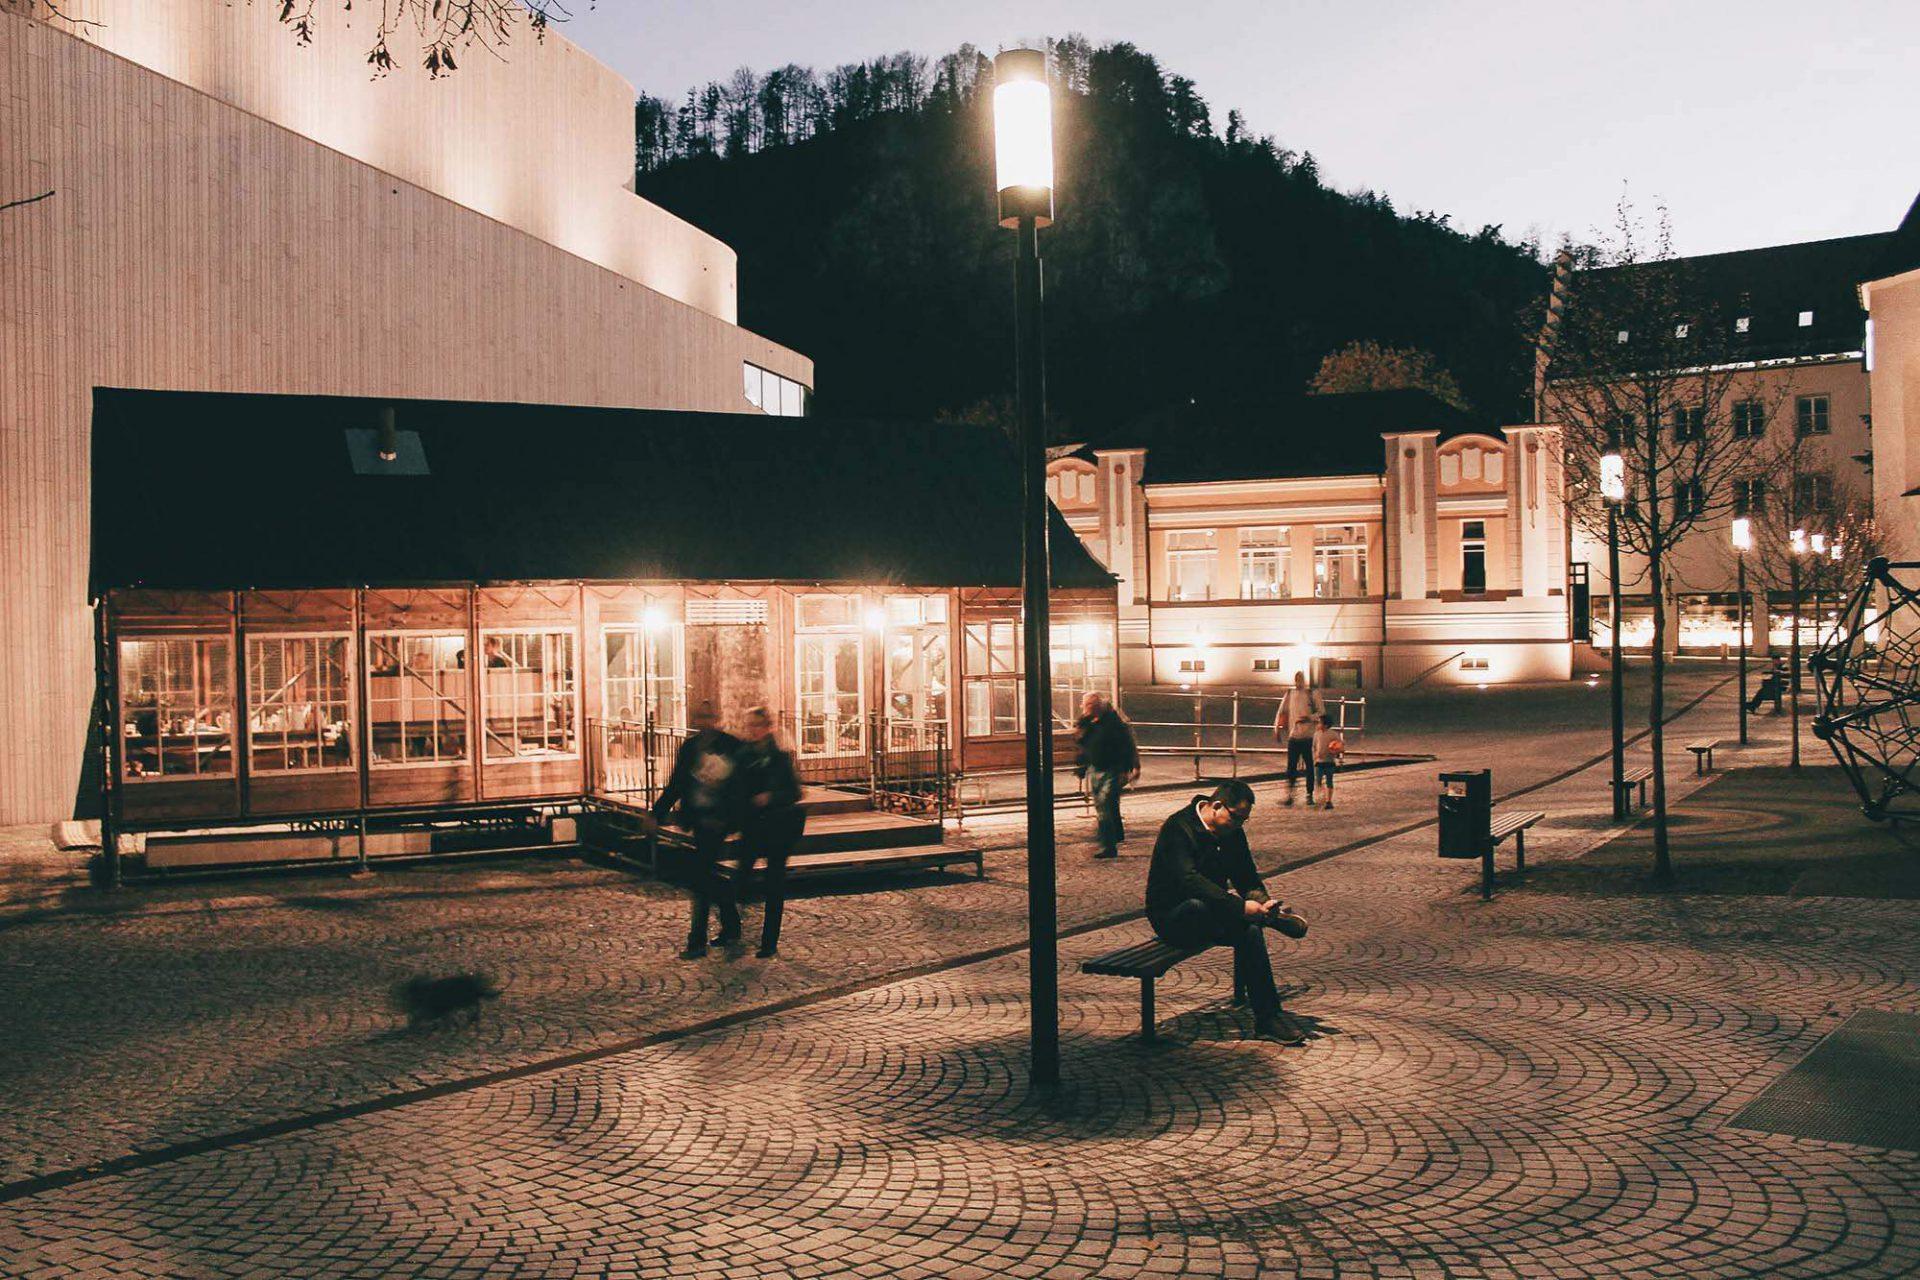 """Feldhotel in Feldkirch. Eine urbane Intervention von Martin Mackowitz, dessen Arbeit mit räumlichen """"Akupunkturpunkten"""" beschrieben werden kann –also Plätze, Orte, Bauten mit Potential."""